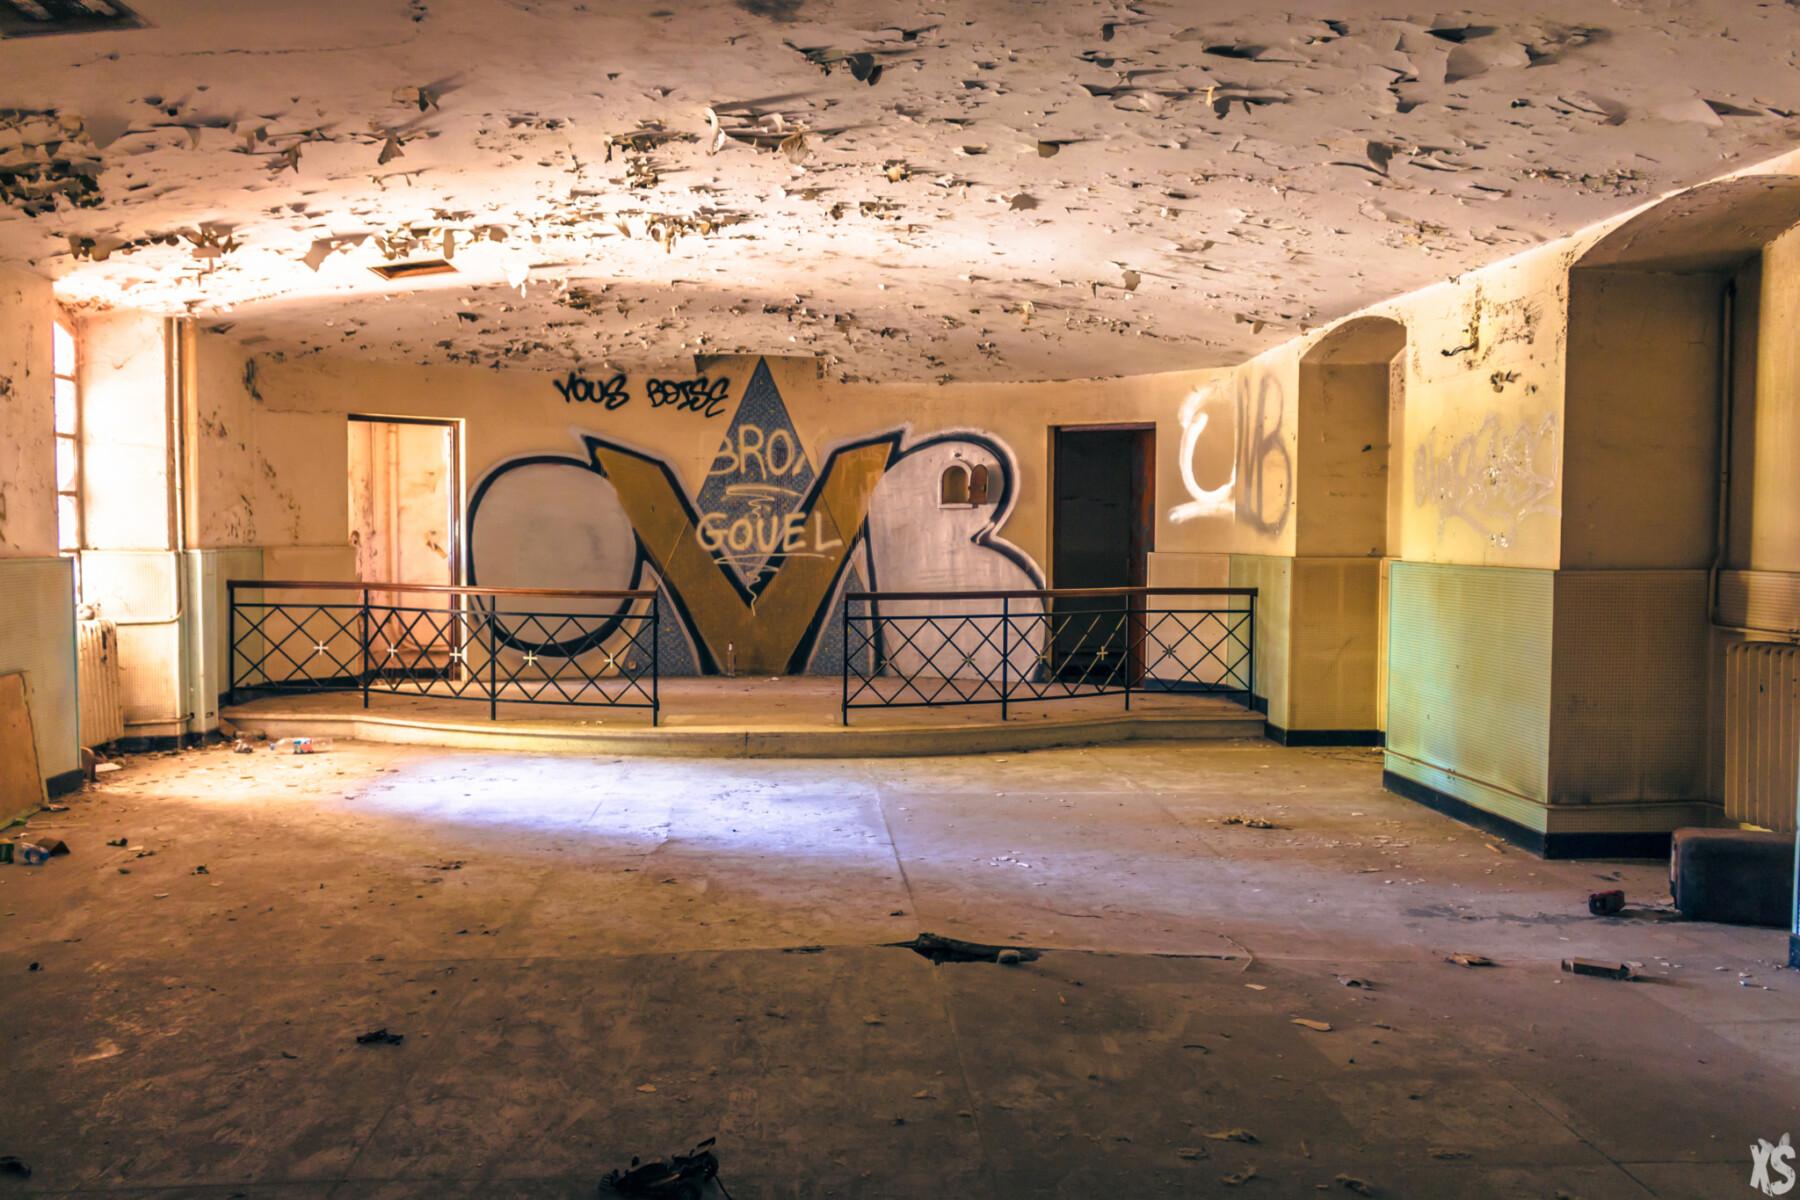 Sanatorium abandonné dans le sud de la France   urbexsession.com/sanatorium-julia-fazekas   Urbex France